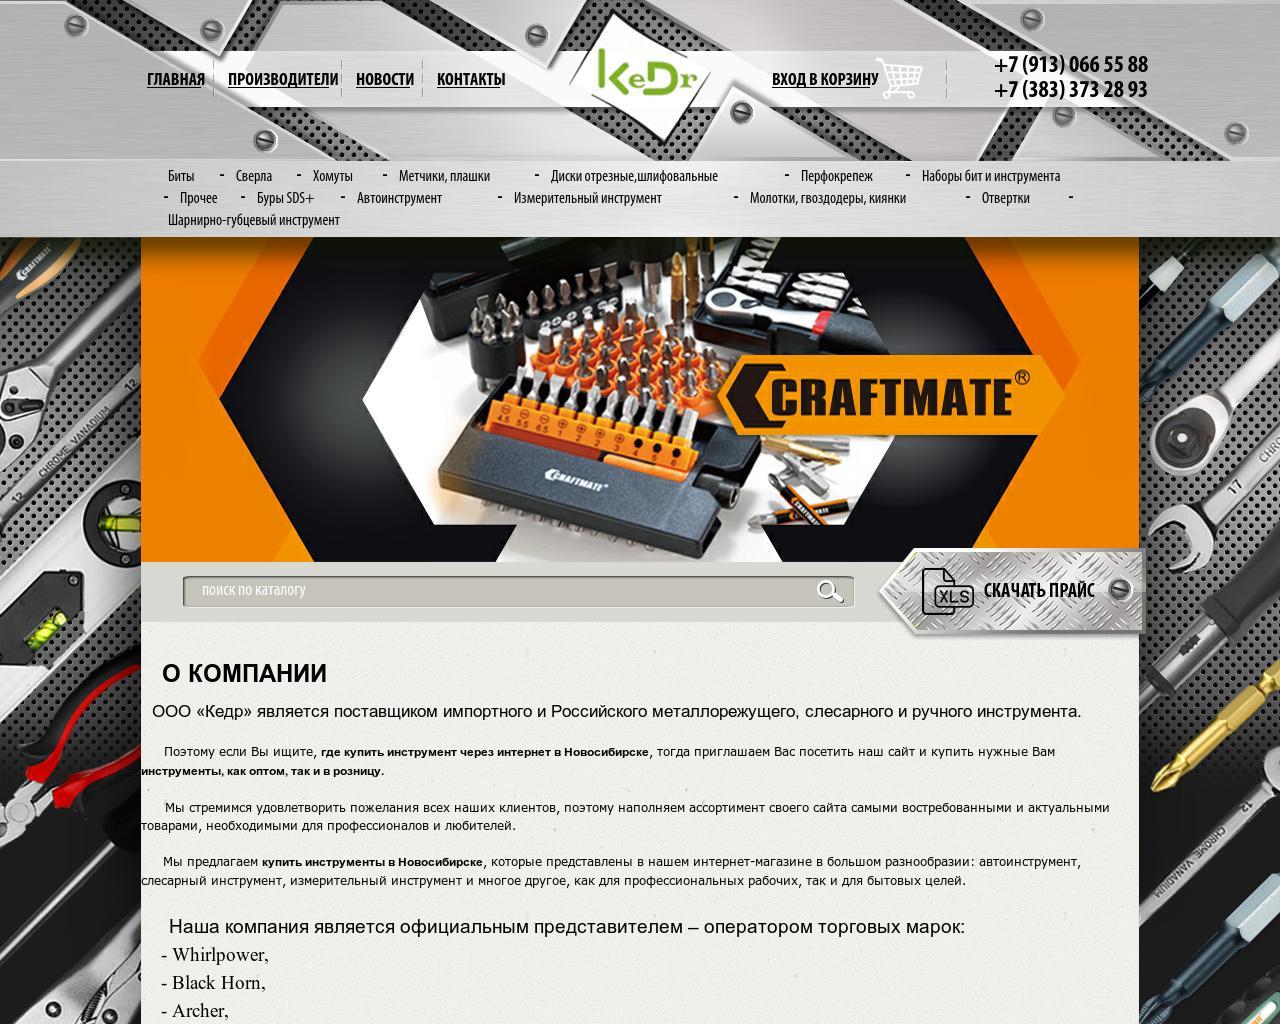 сигнализация Хабаровске заказать сайт в новосибирске плитка ПВХ